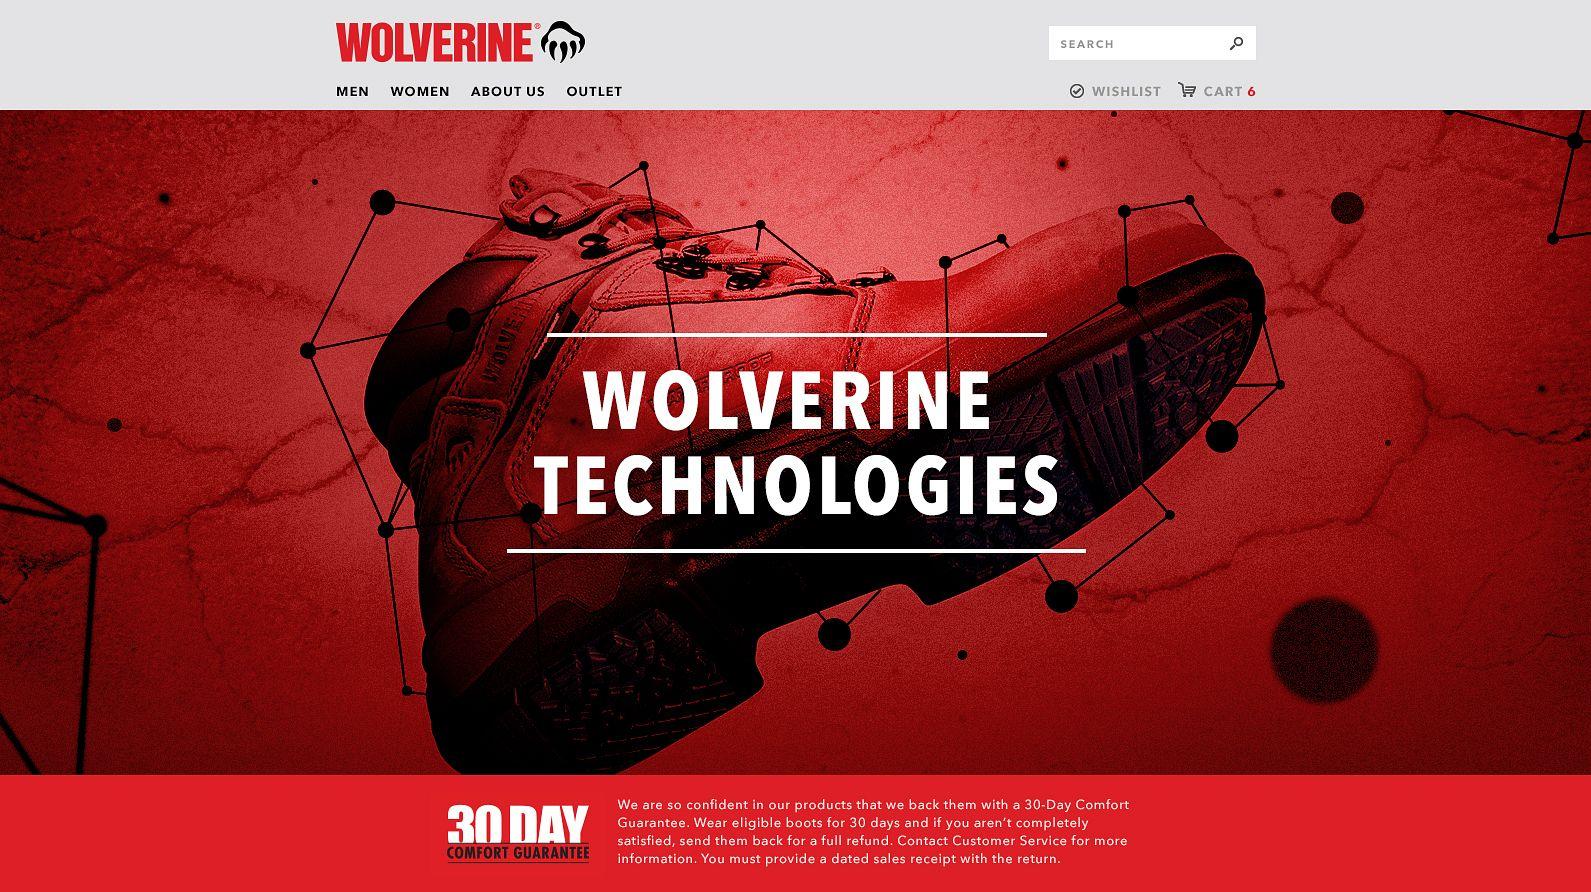 Wolverine Technologies